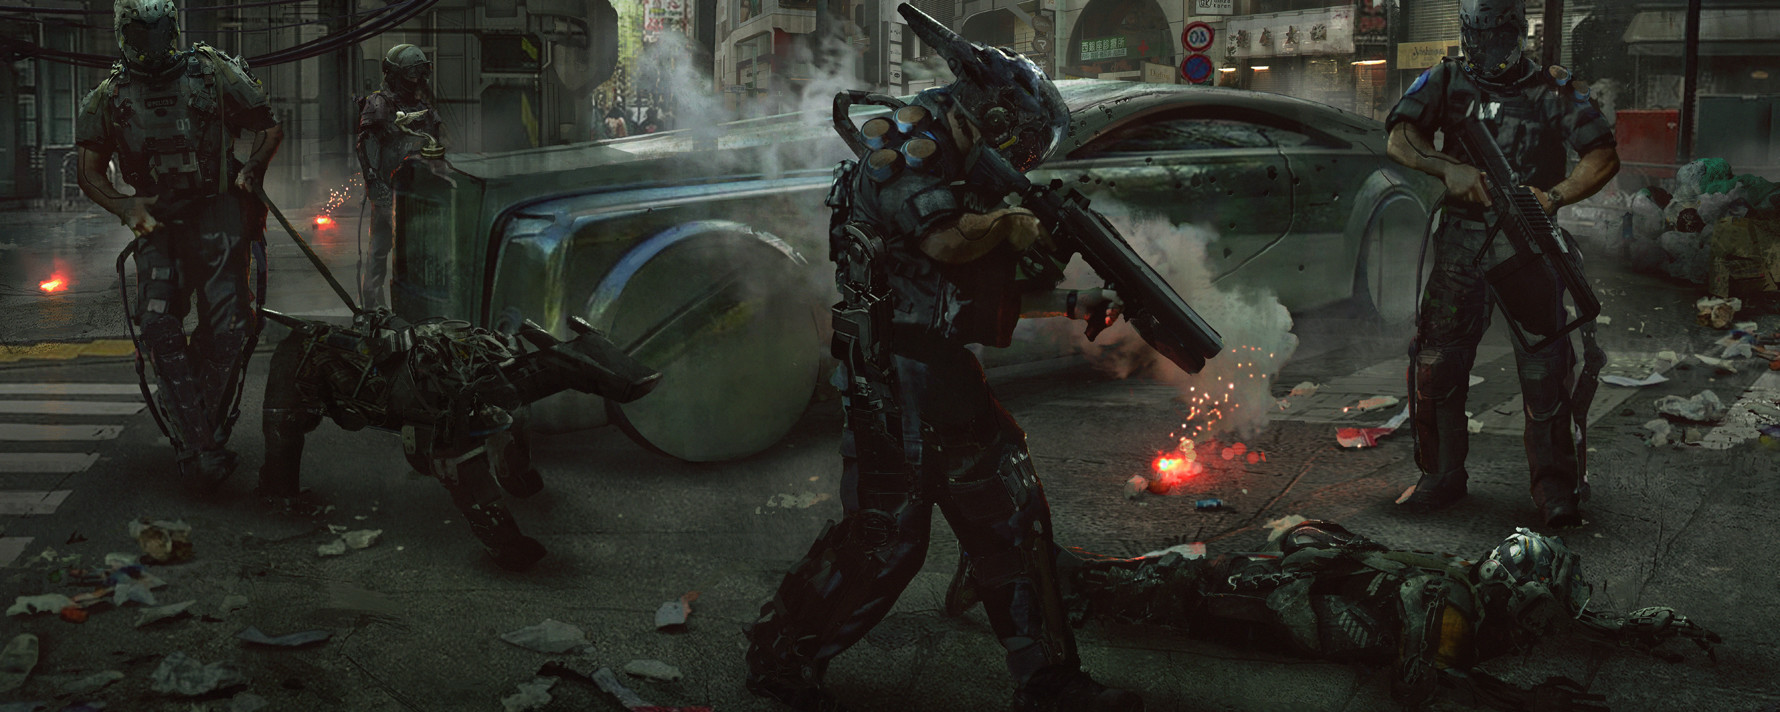 Eddie mendoza the robot riots